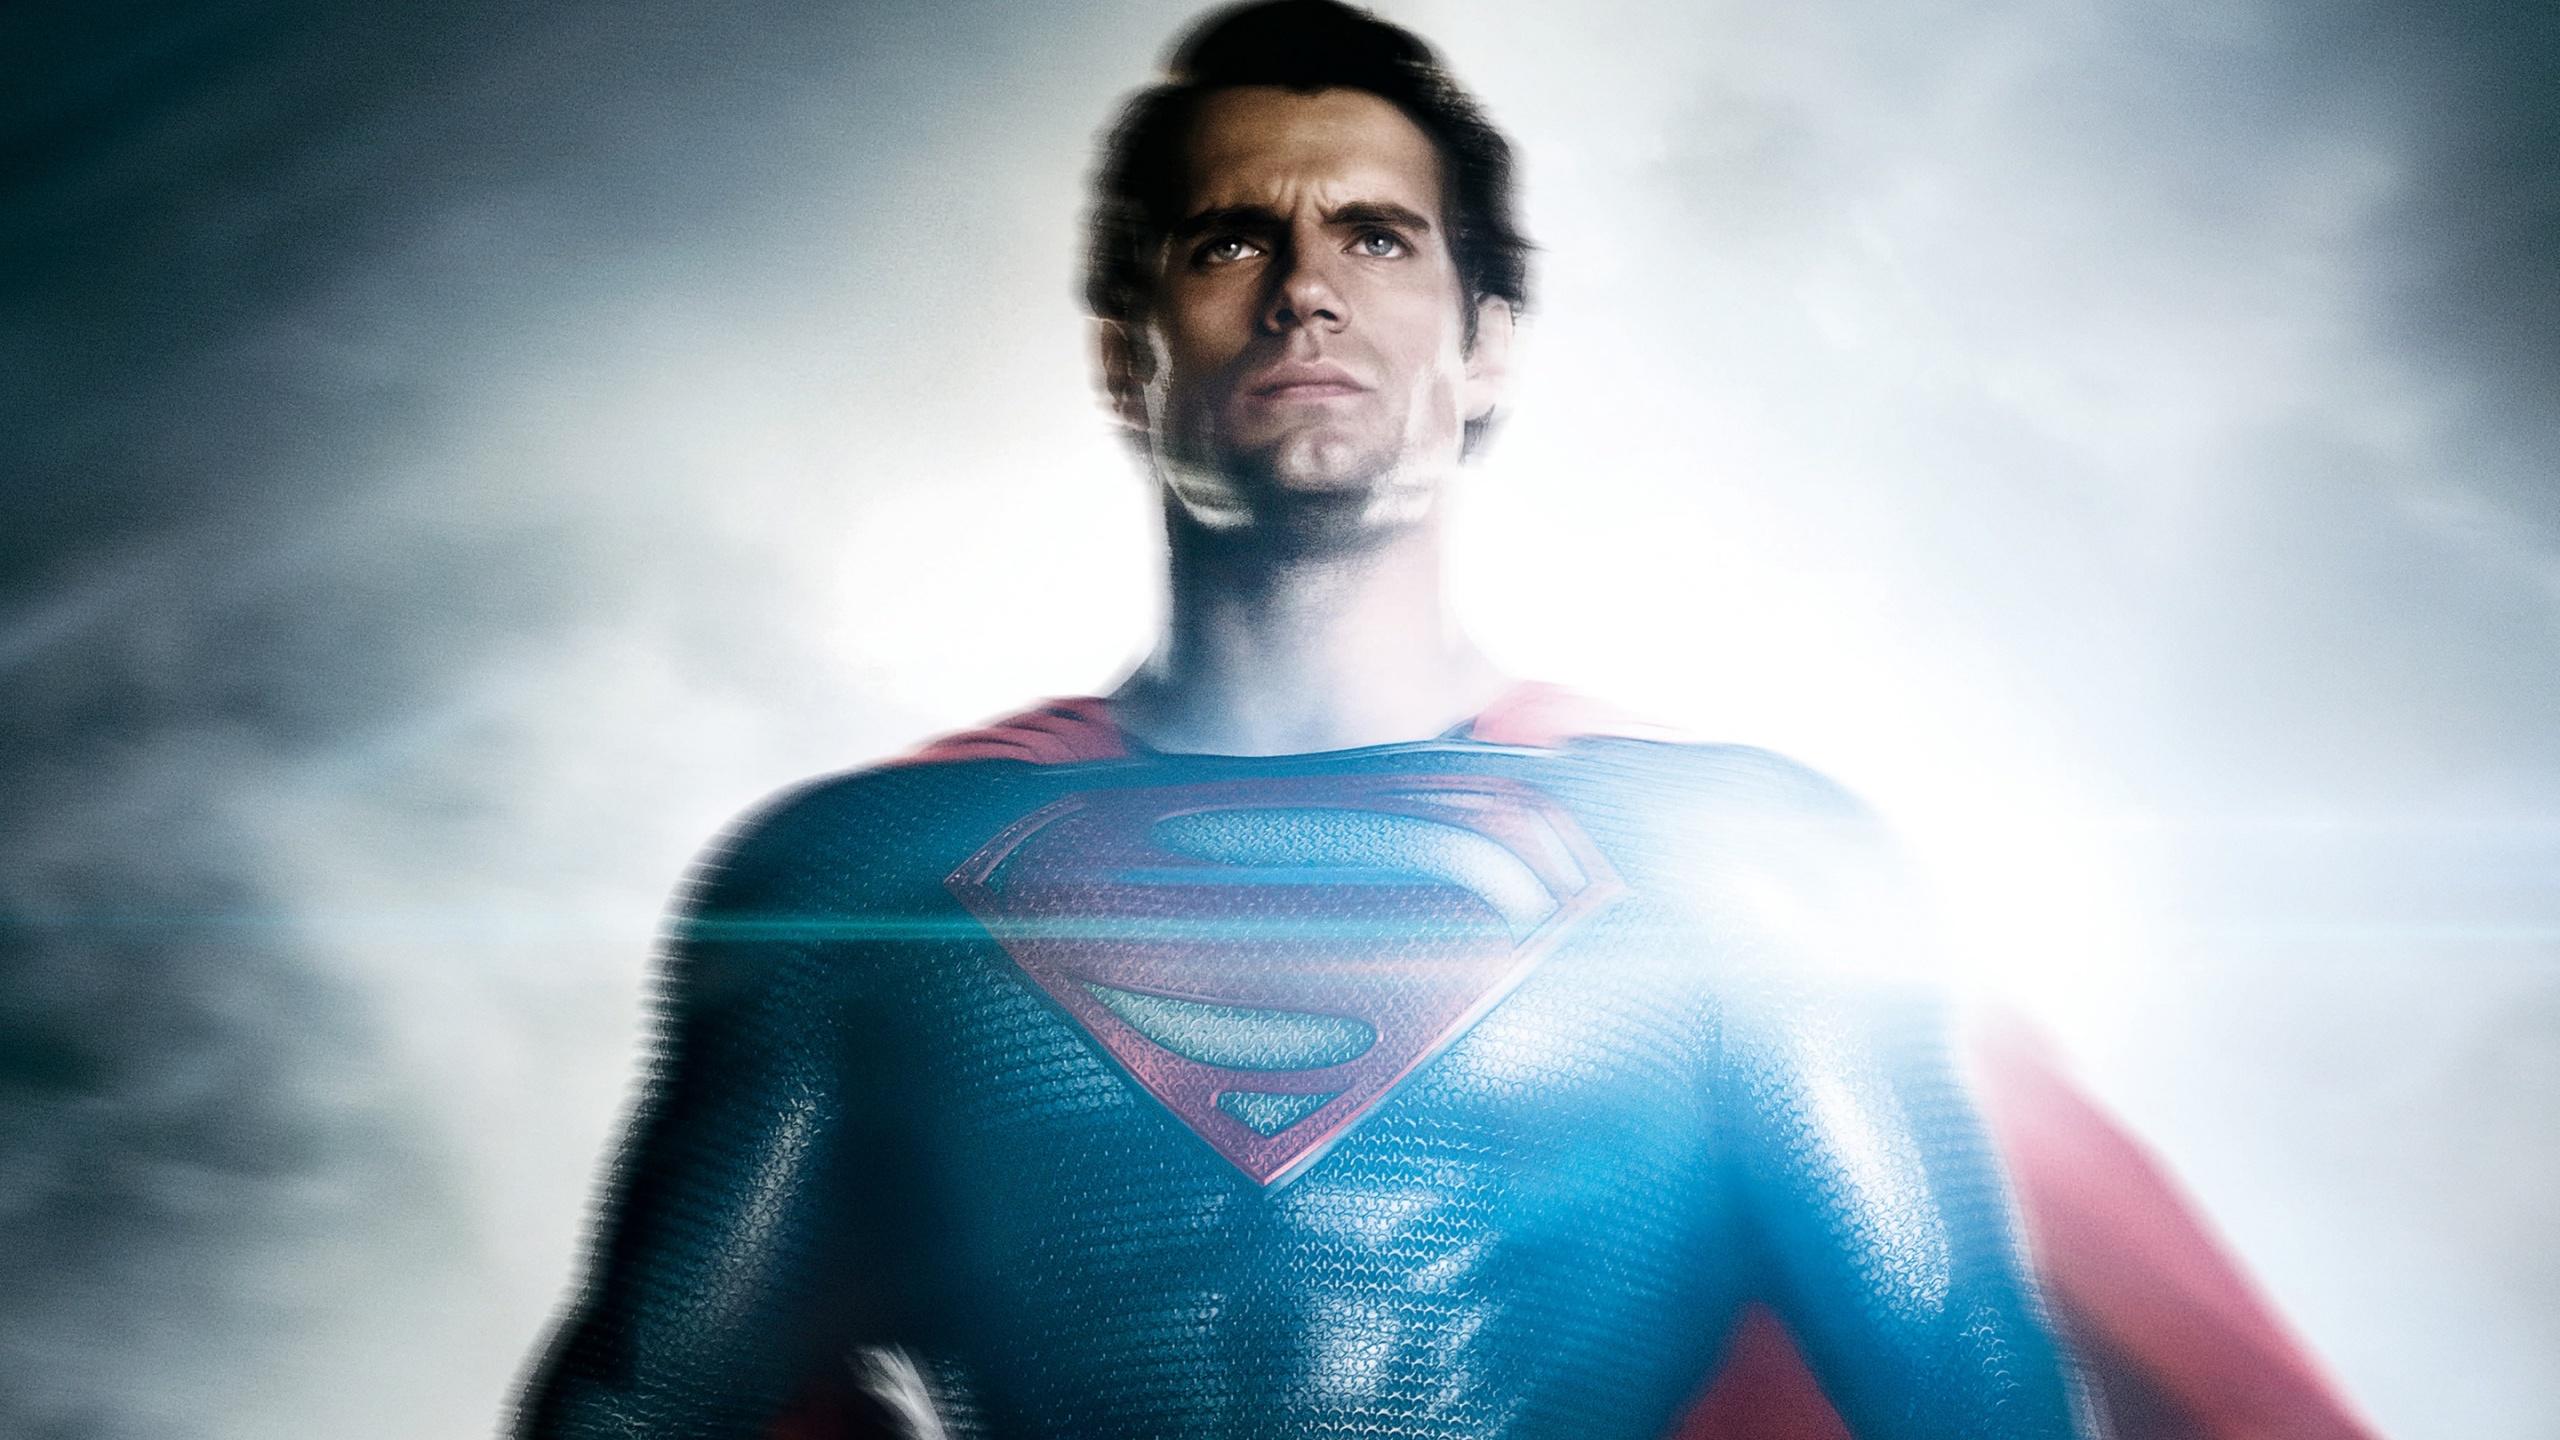 Henry-Cavill-Superman-Man-of-Steel